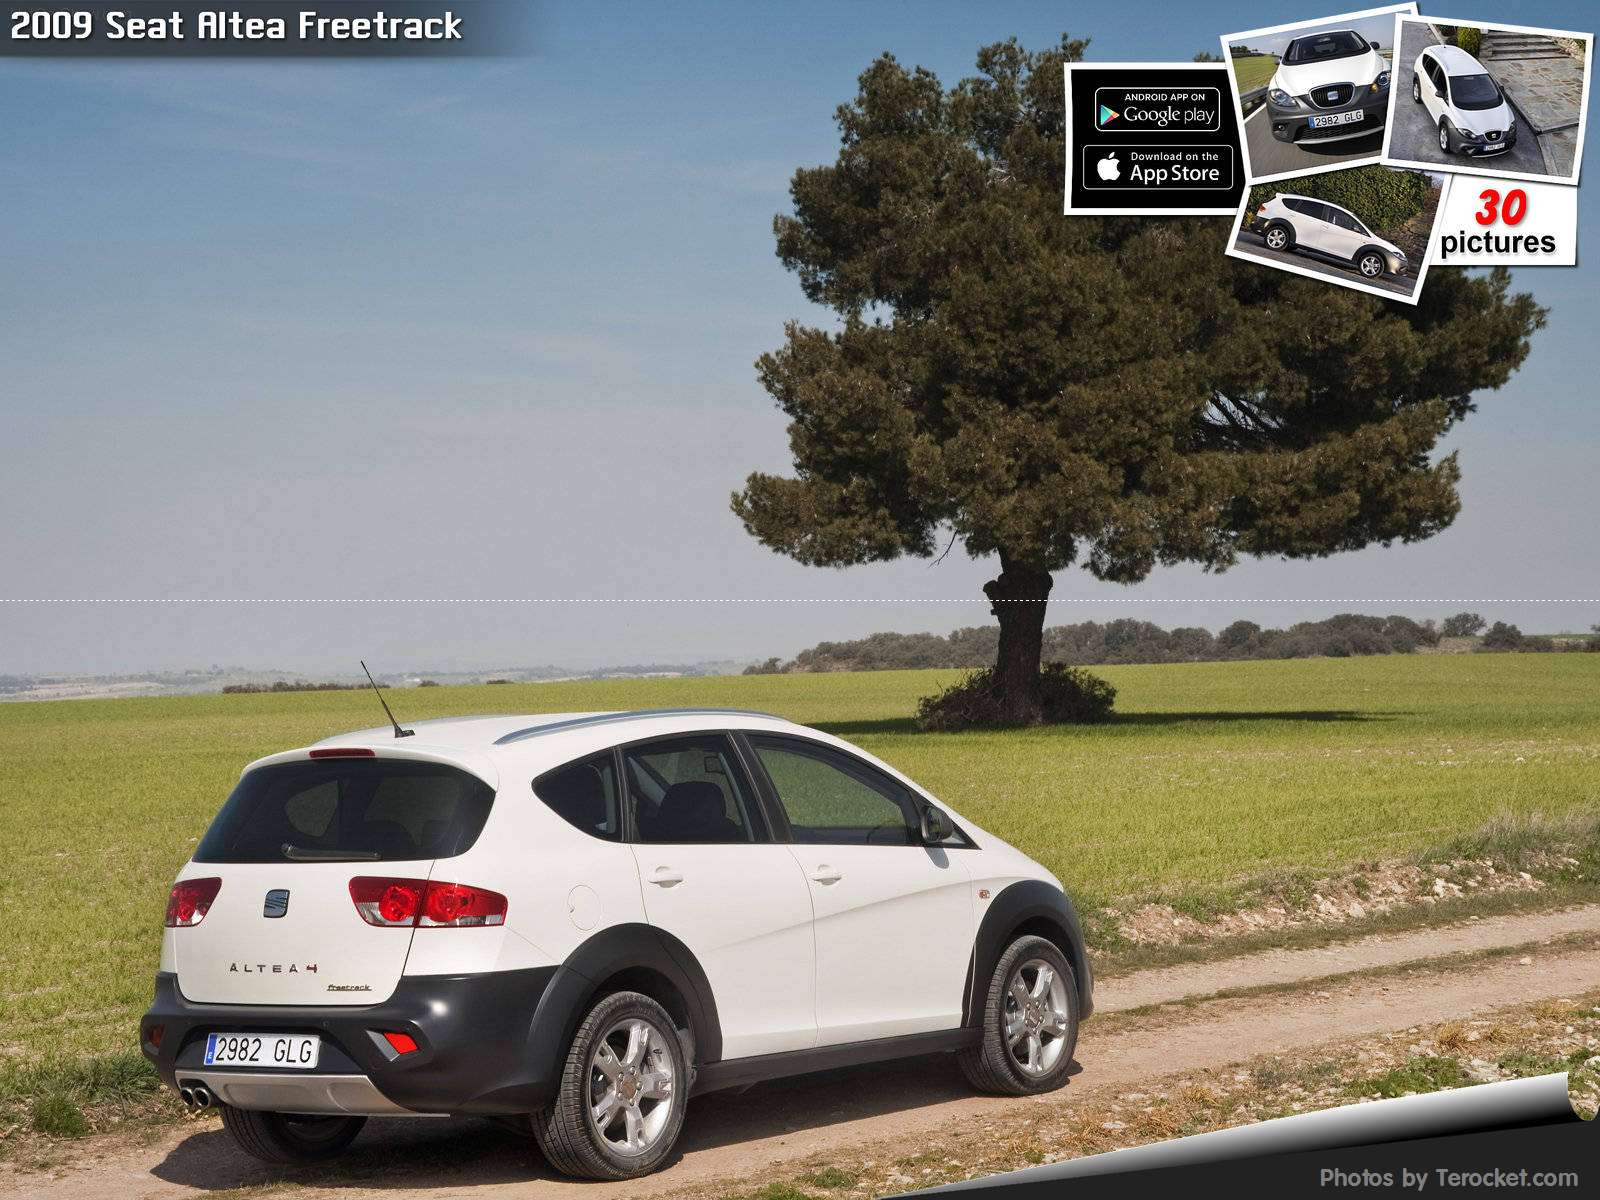 Hình ảnh xe ô tô Seat Altea Freetrack 2009 & nội ngoại thất